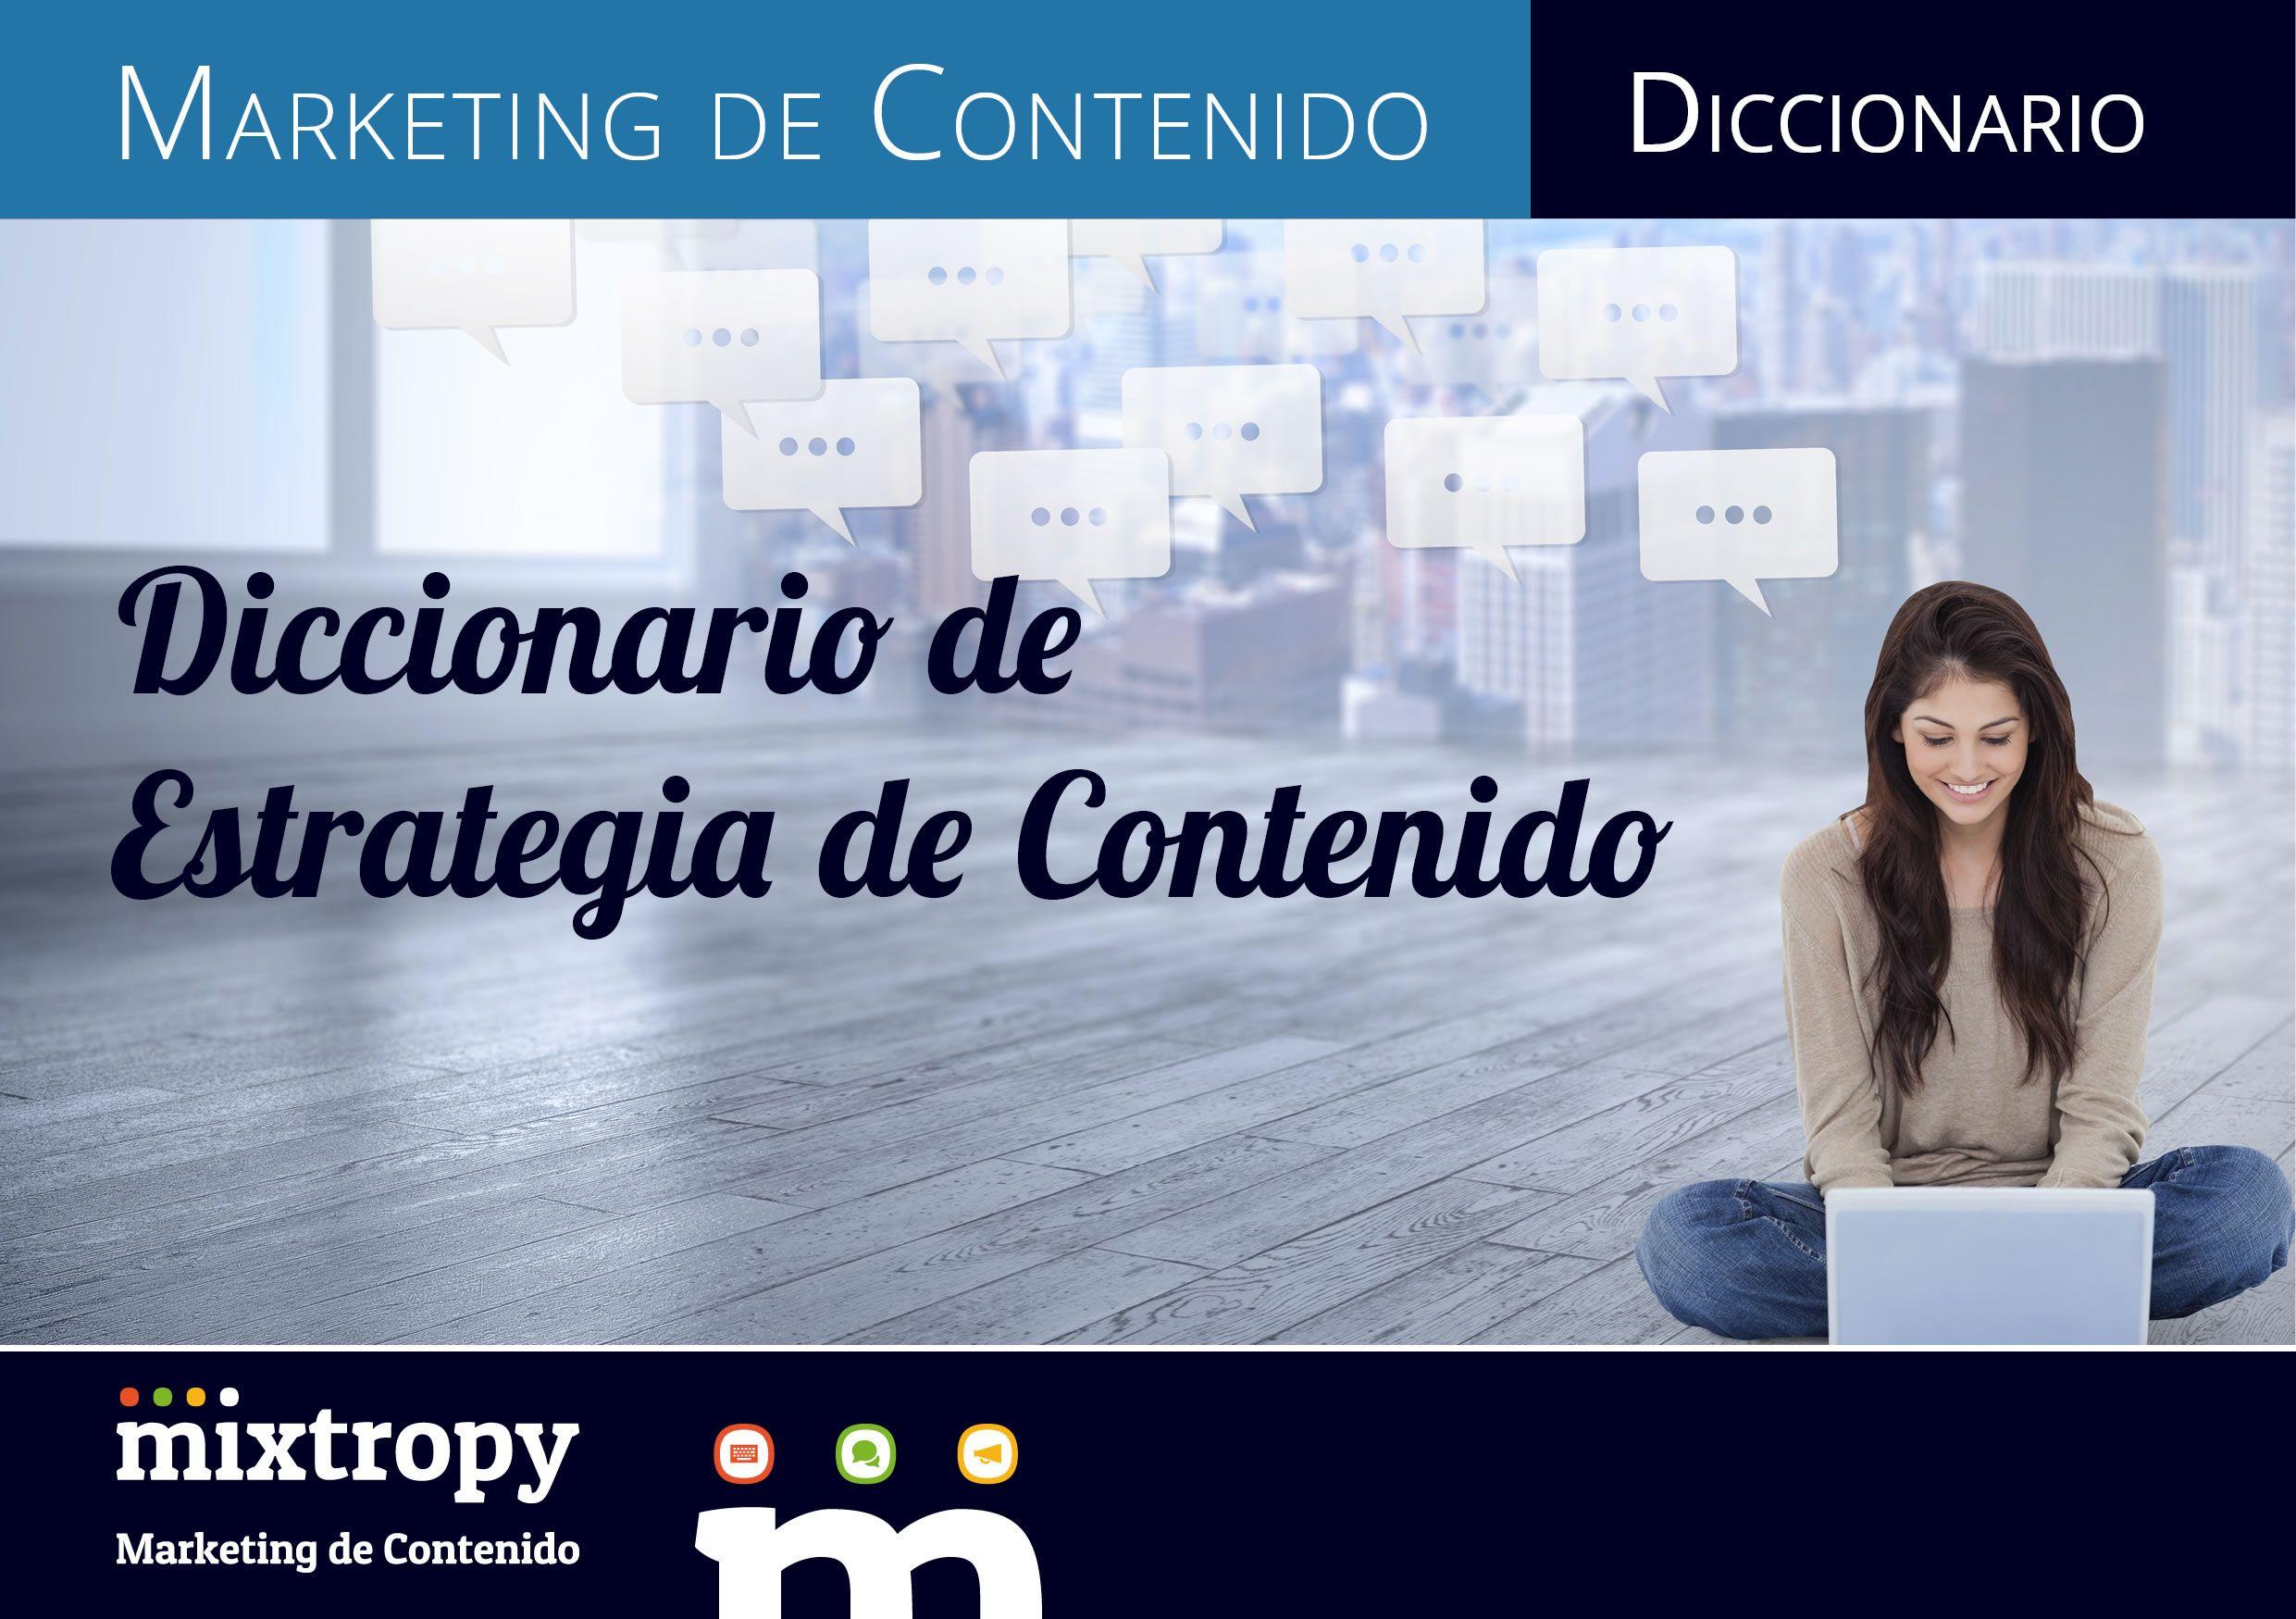 Foto de Diccionario de Estrategia de Contenido